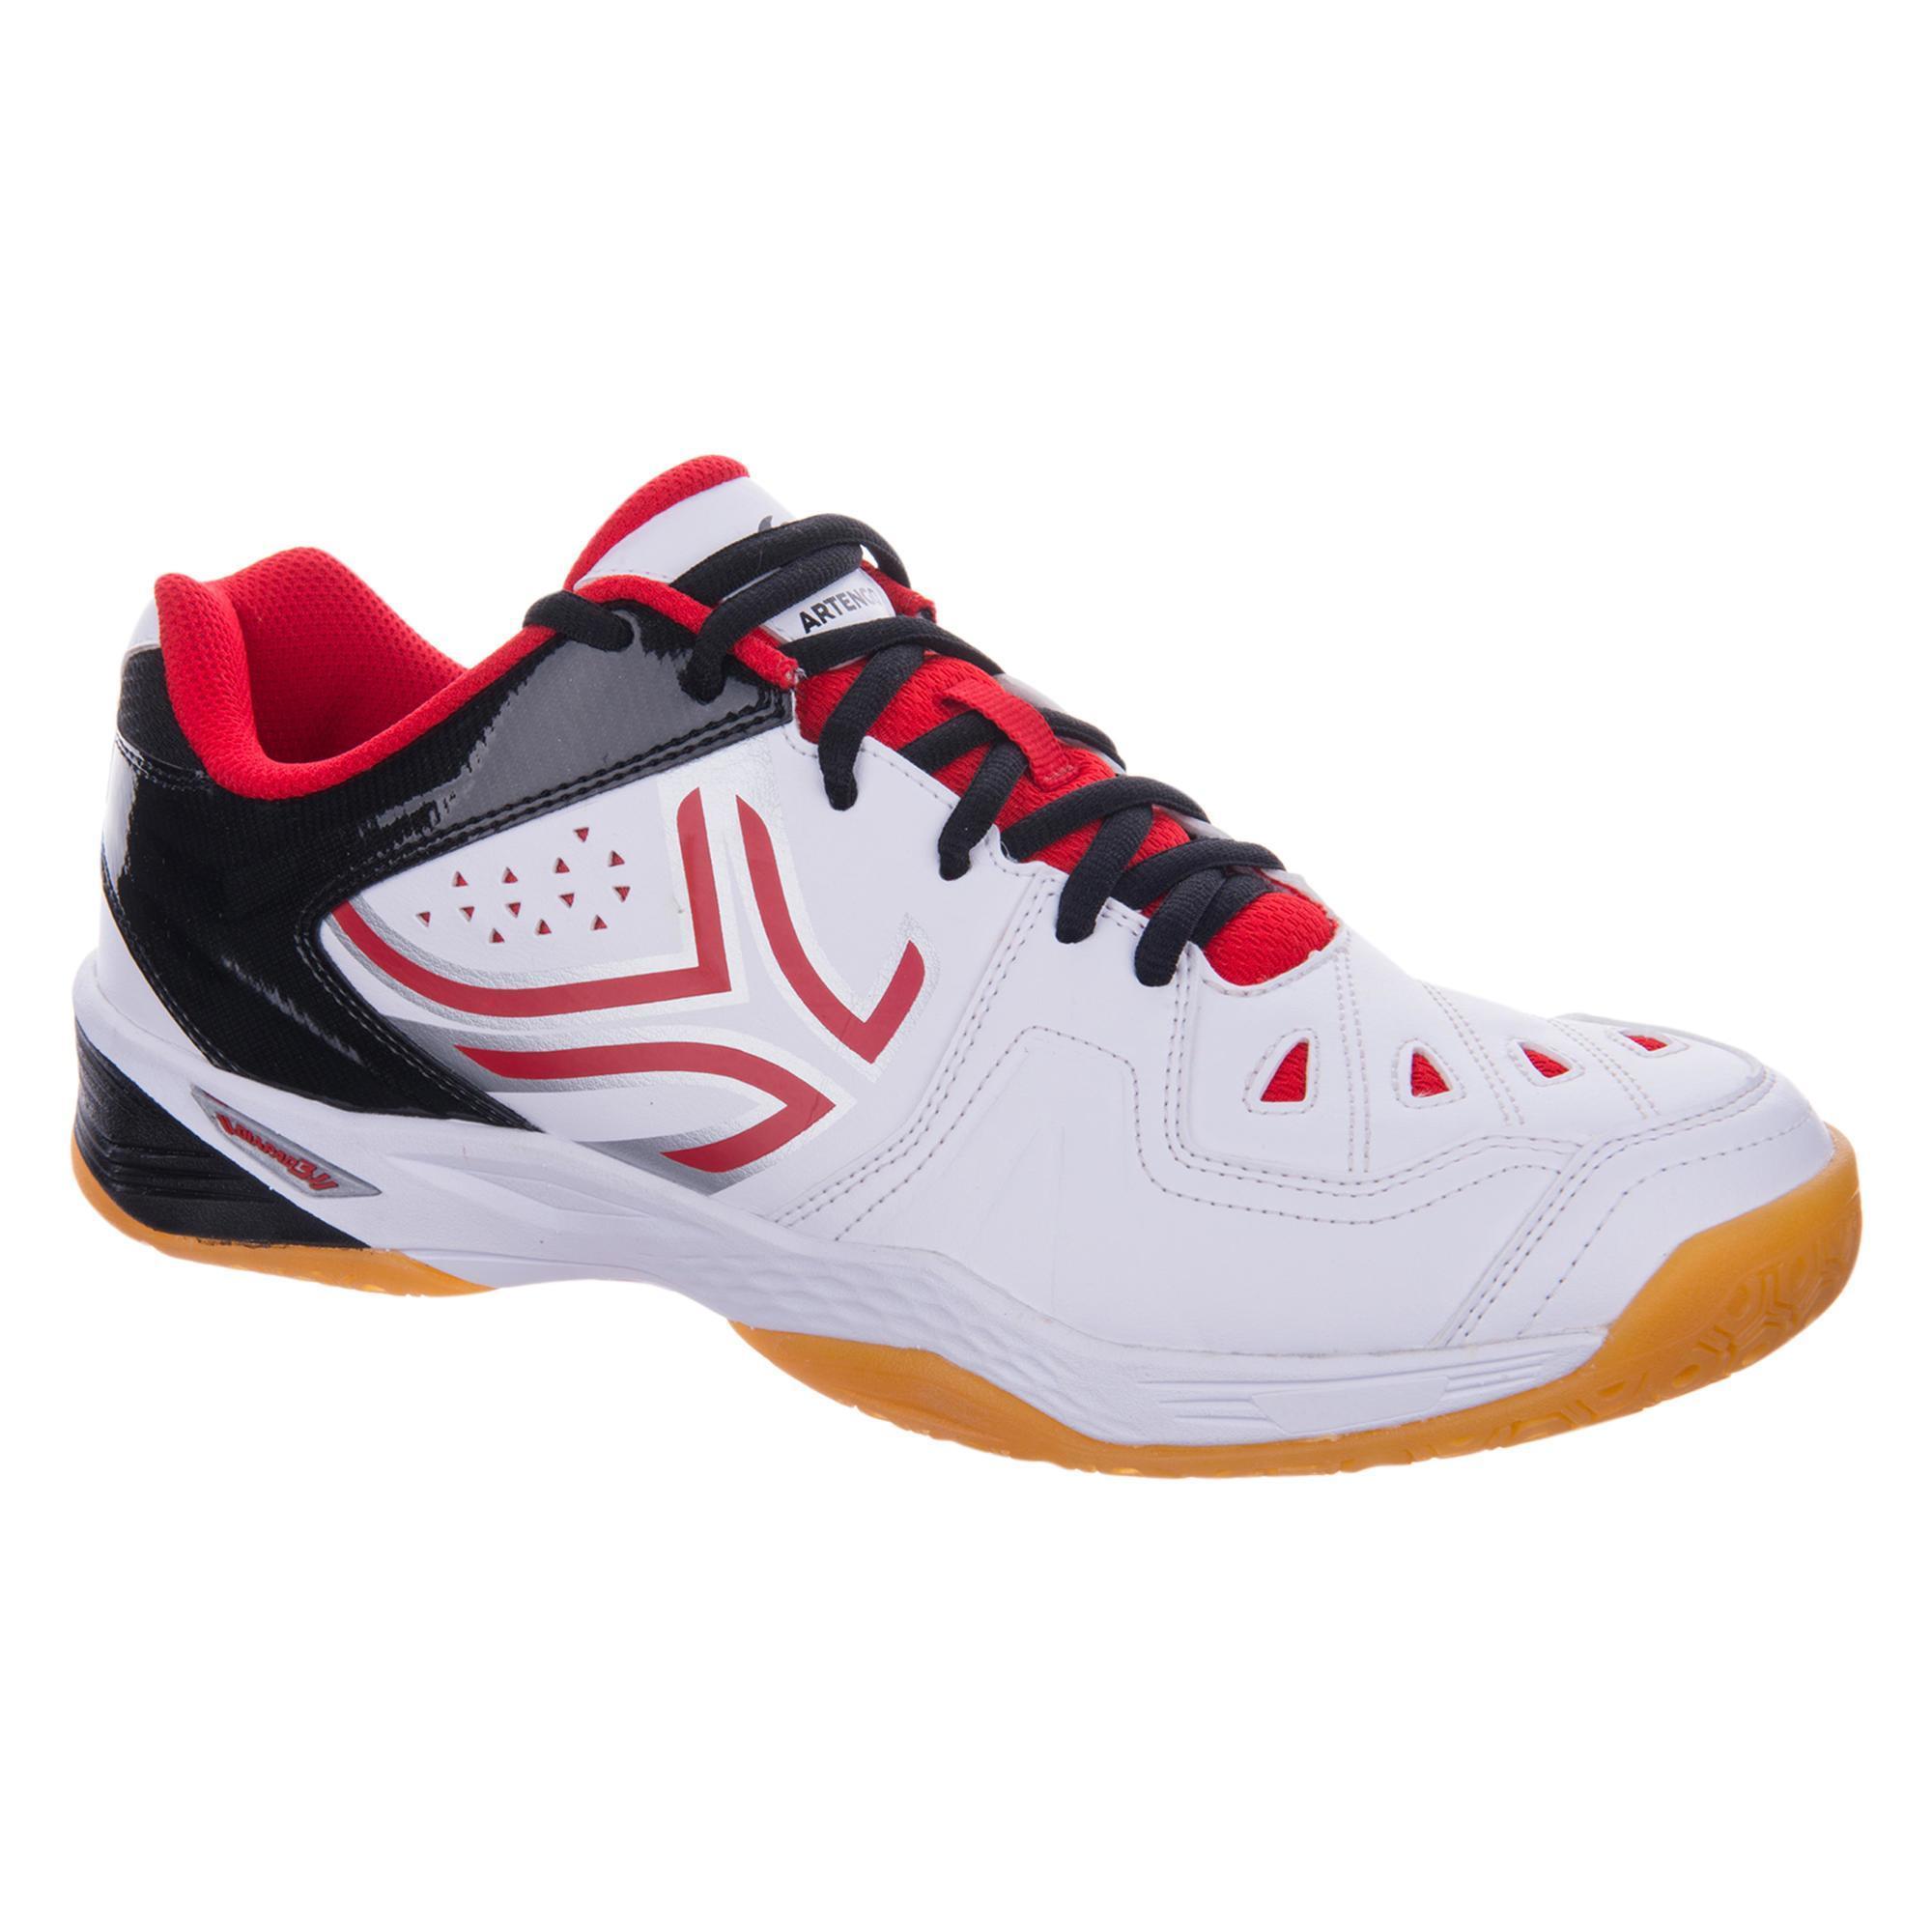 Artengo Chaussures De Badminton Pour Les Hommes Bs990 D'orange XyKh48